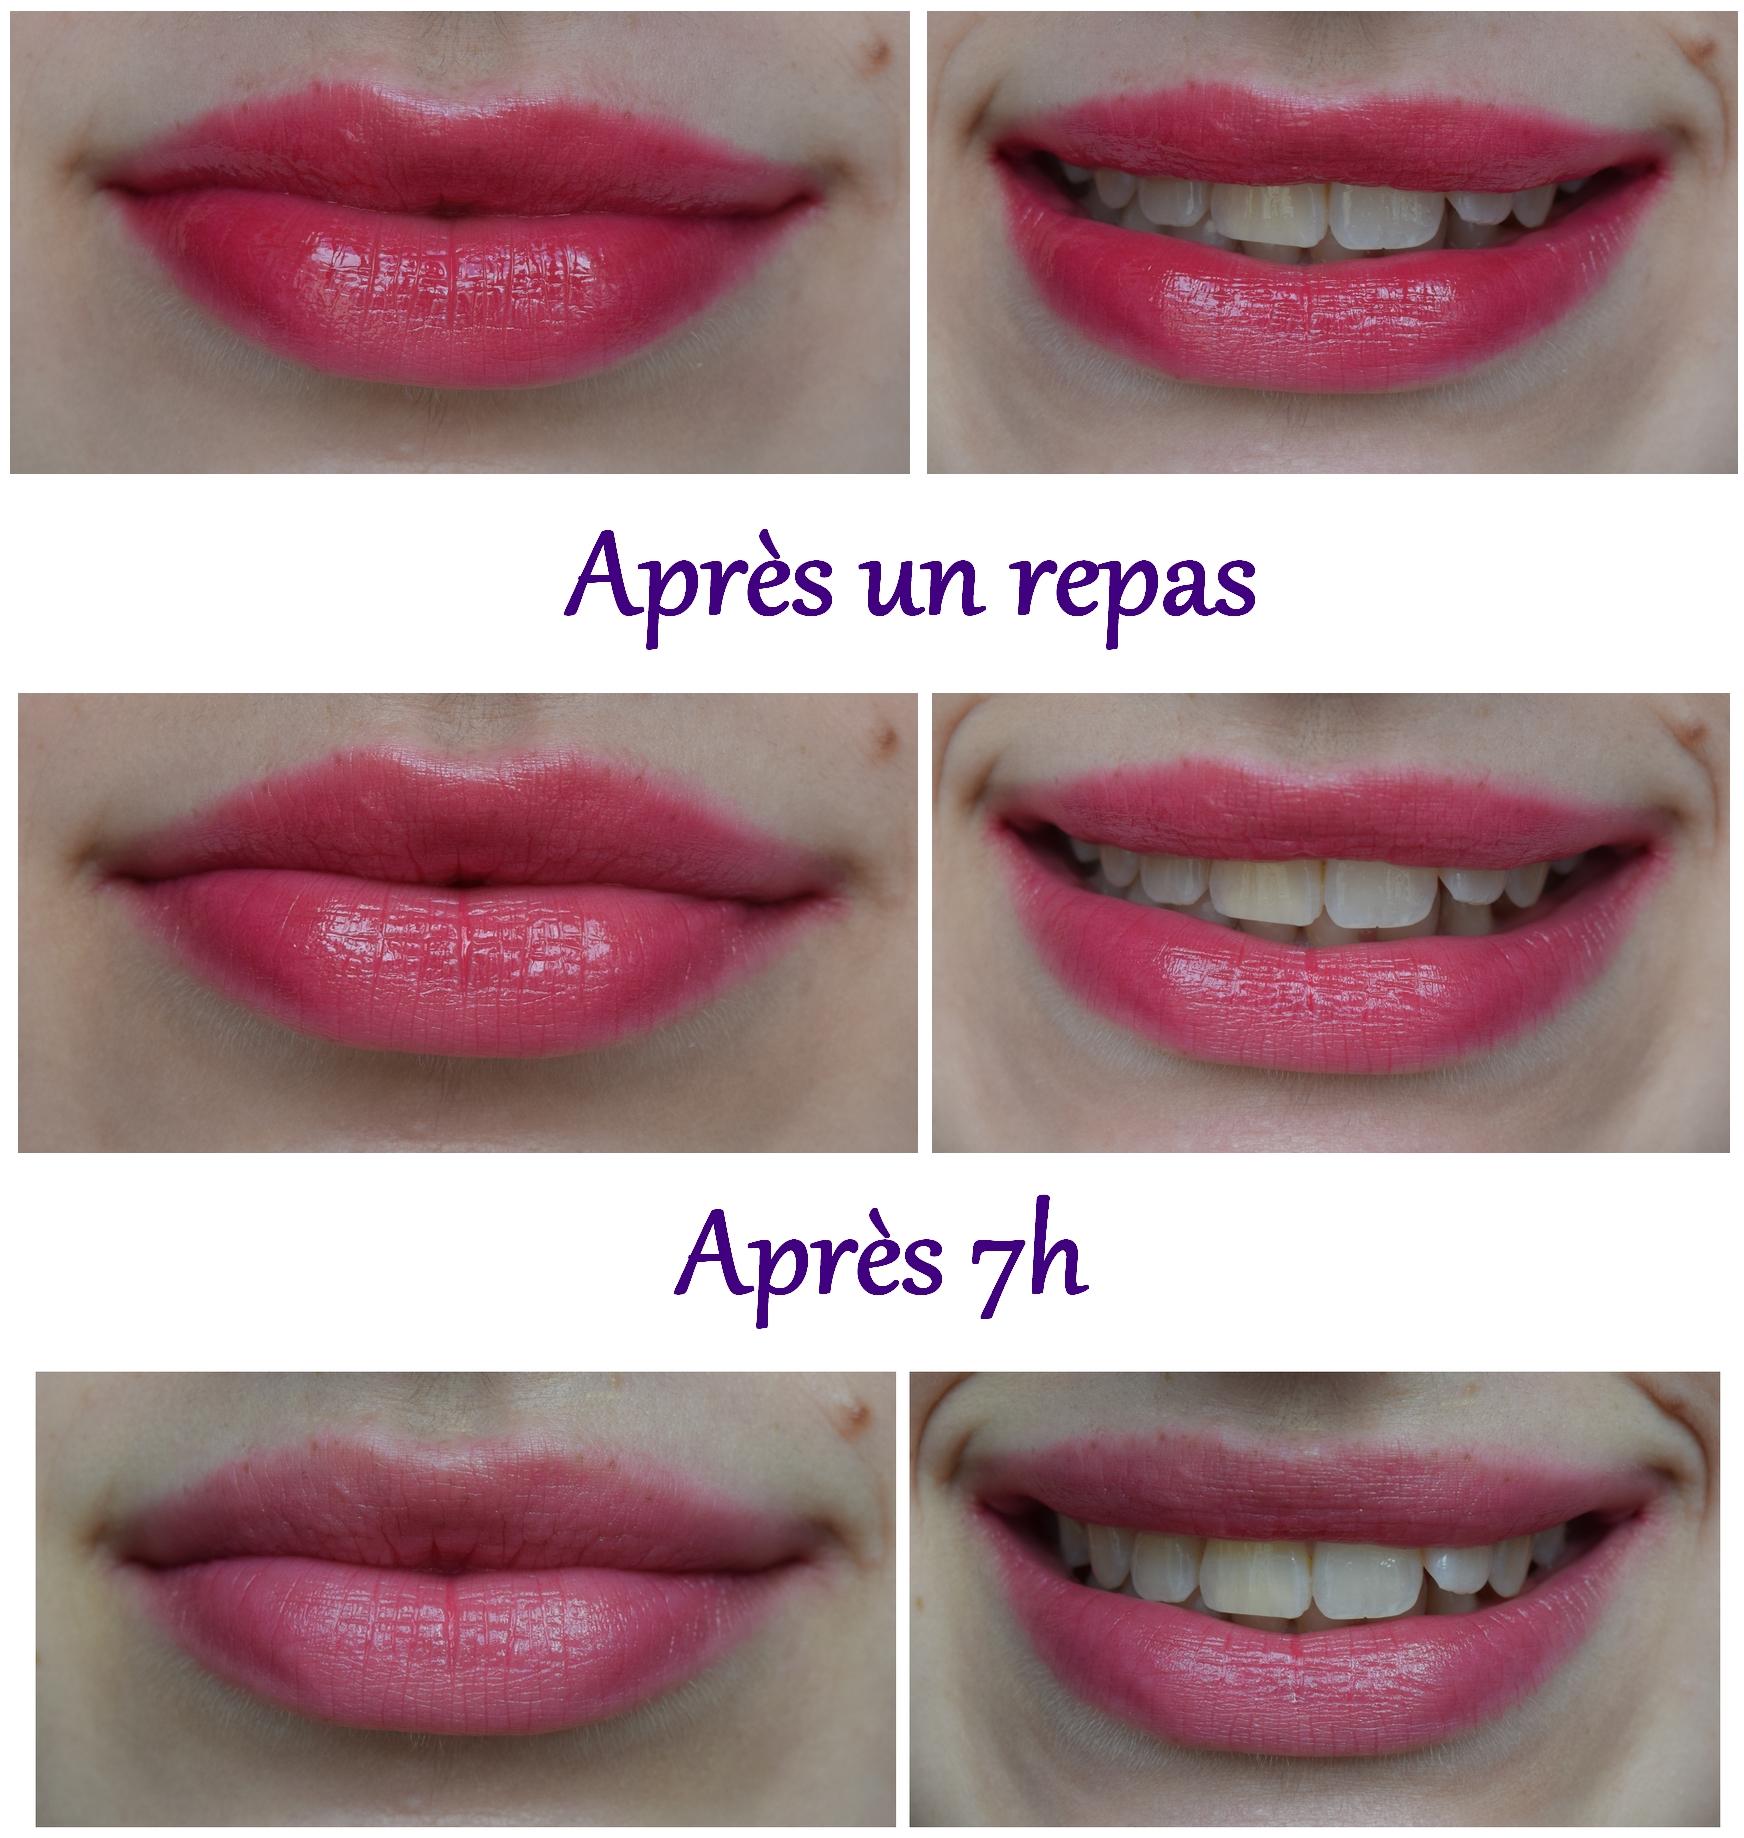 c1d0295d1f84 Dior Addict Fluid Stick en teinte Plaisir   une réussite ! - Purple ...